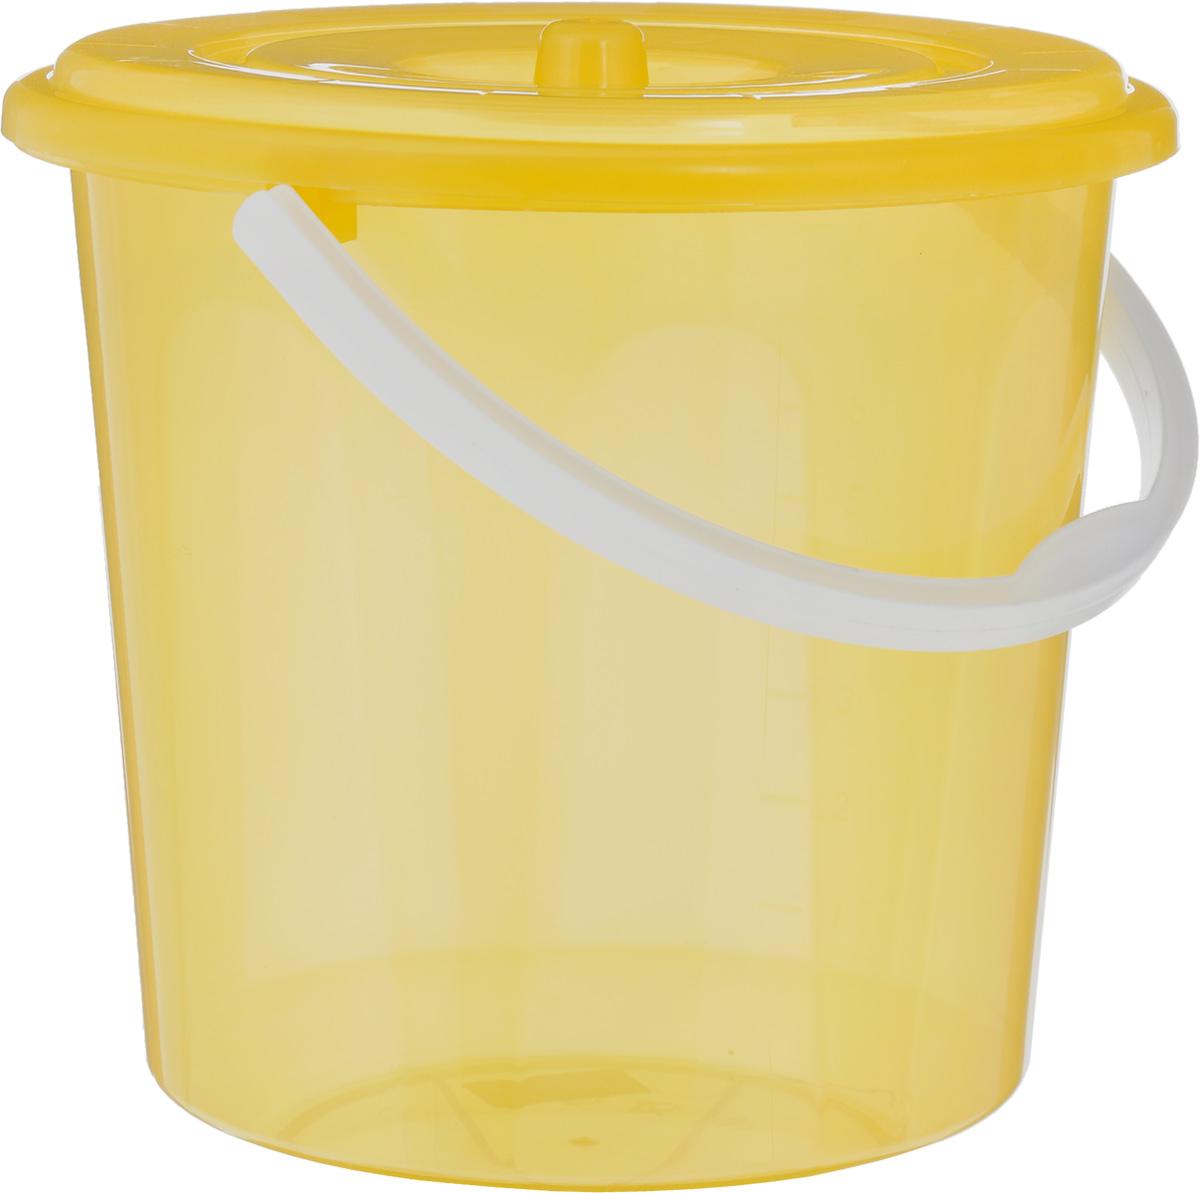 Ведро Альтернатива Хозяюшка, с крышкой, цвет: желтый, 10 лМ1213_желтыйВедро Альтернатива Хозяюшка изготовлено извысококачественного пластика и оснащеноотметками литража. Оно легче железного и неподвержено коррозии. Ведро имеет удобную пластиковуюручку и закрывается крышкой. Такое ведро станет незаменимым помощником вхозяйстве. Идеально для хранения пищевых отходов.Диаметр: 27 см.Высота (без учета крышки): 26 см.